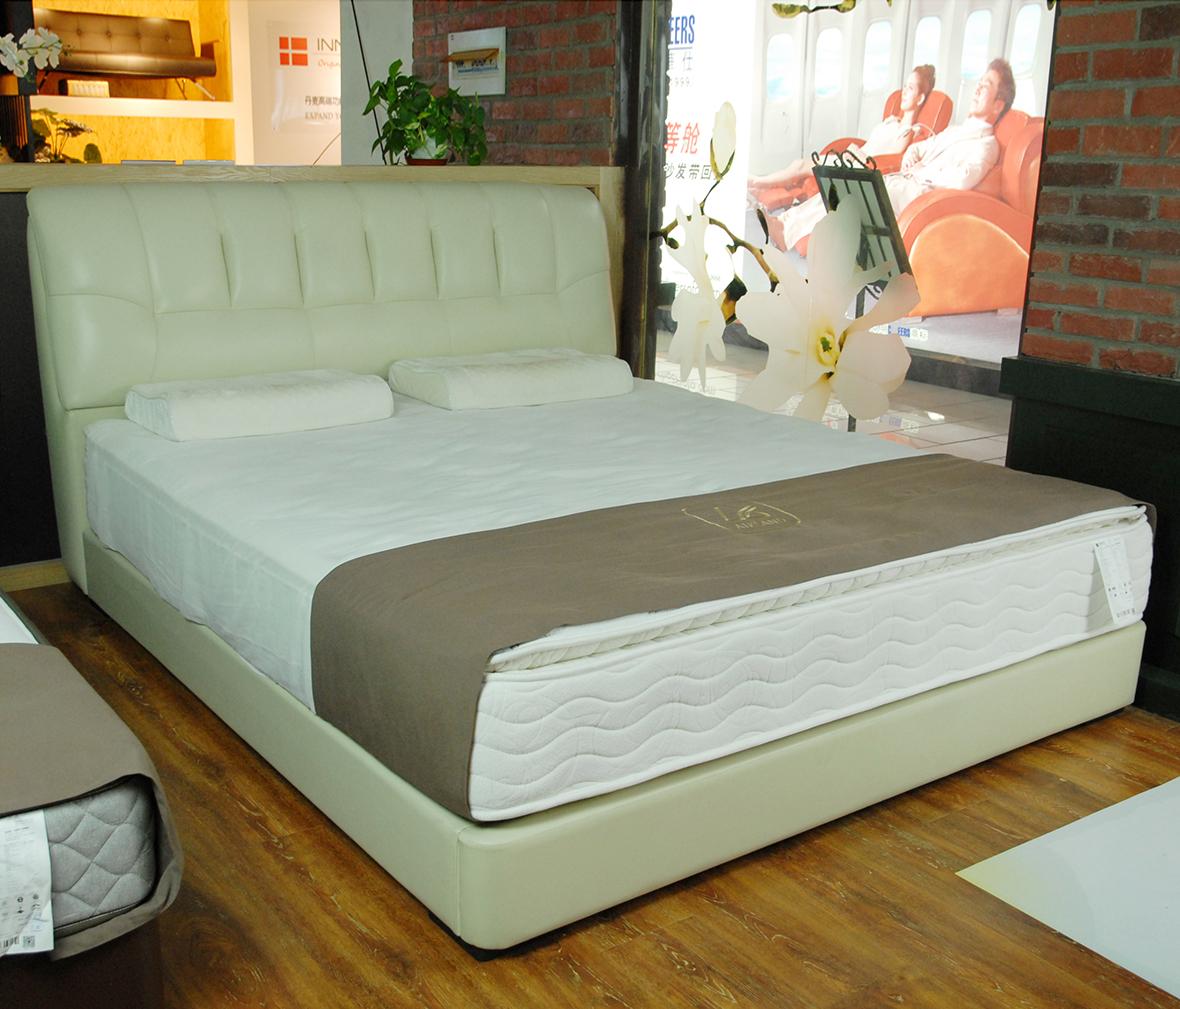 雅蘭 ALS-0113-C型號 雙人床 床架 頭層牛皮 海綿填充 皮床